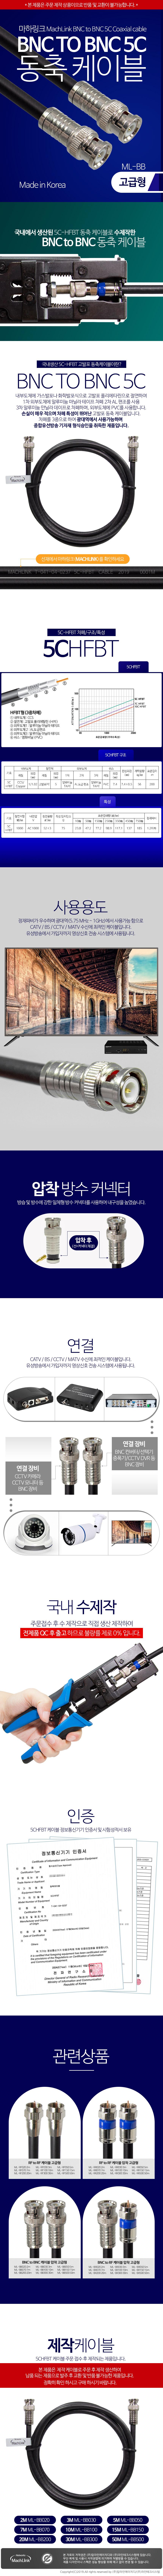 마하링크  BNC to BNC 5C 동축 케이블 (ML-BB)(15m)